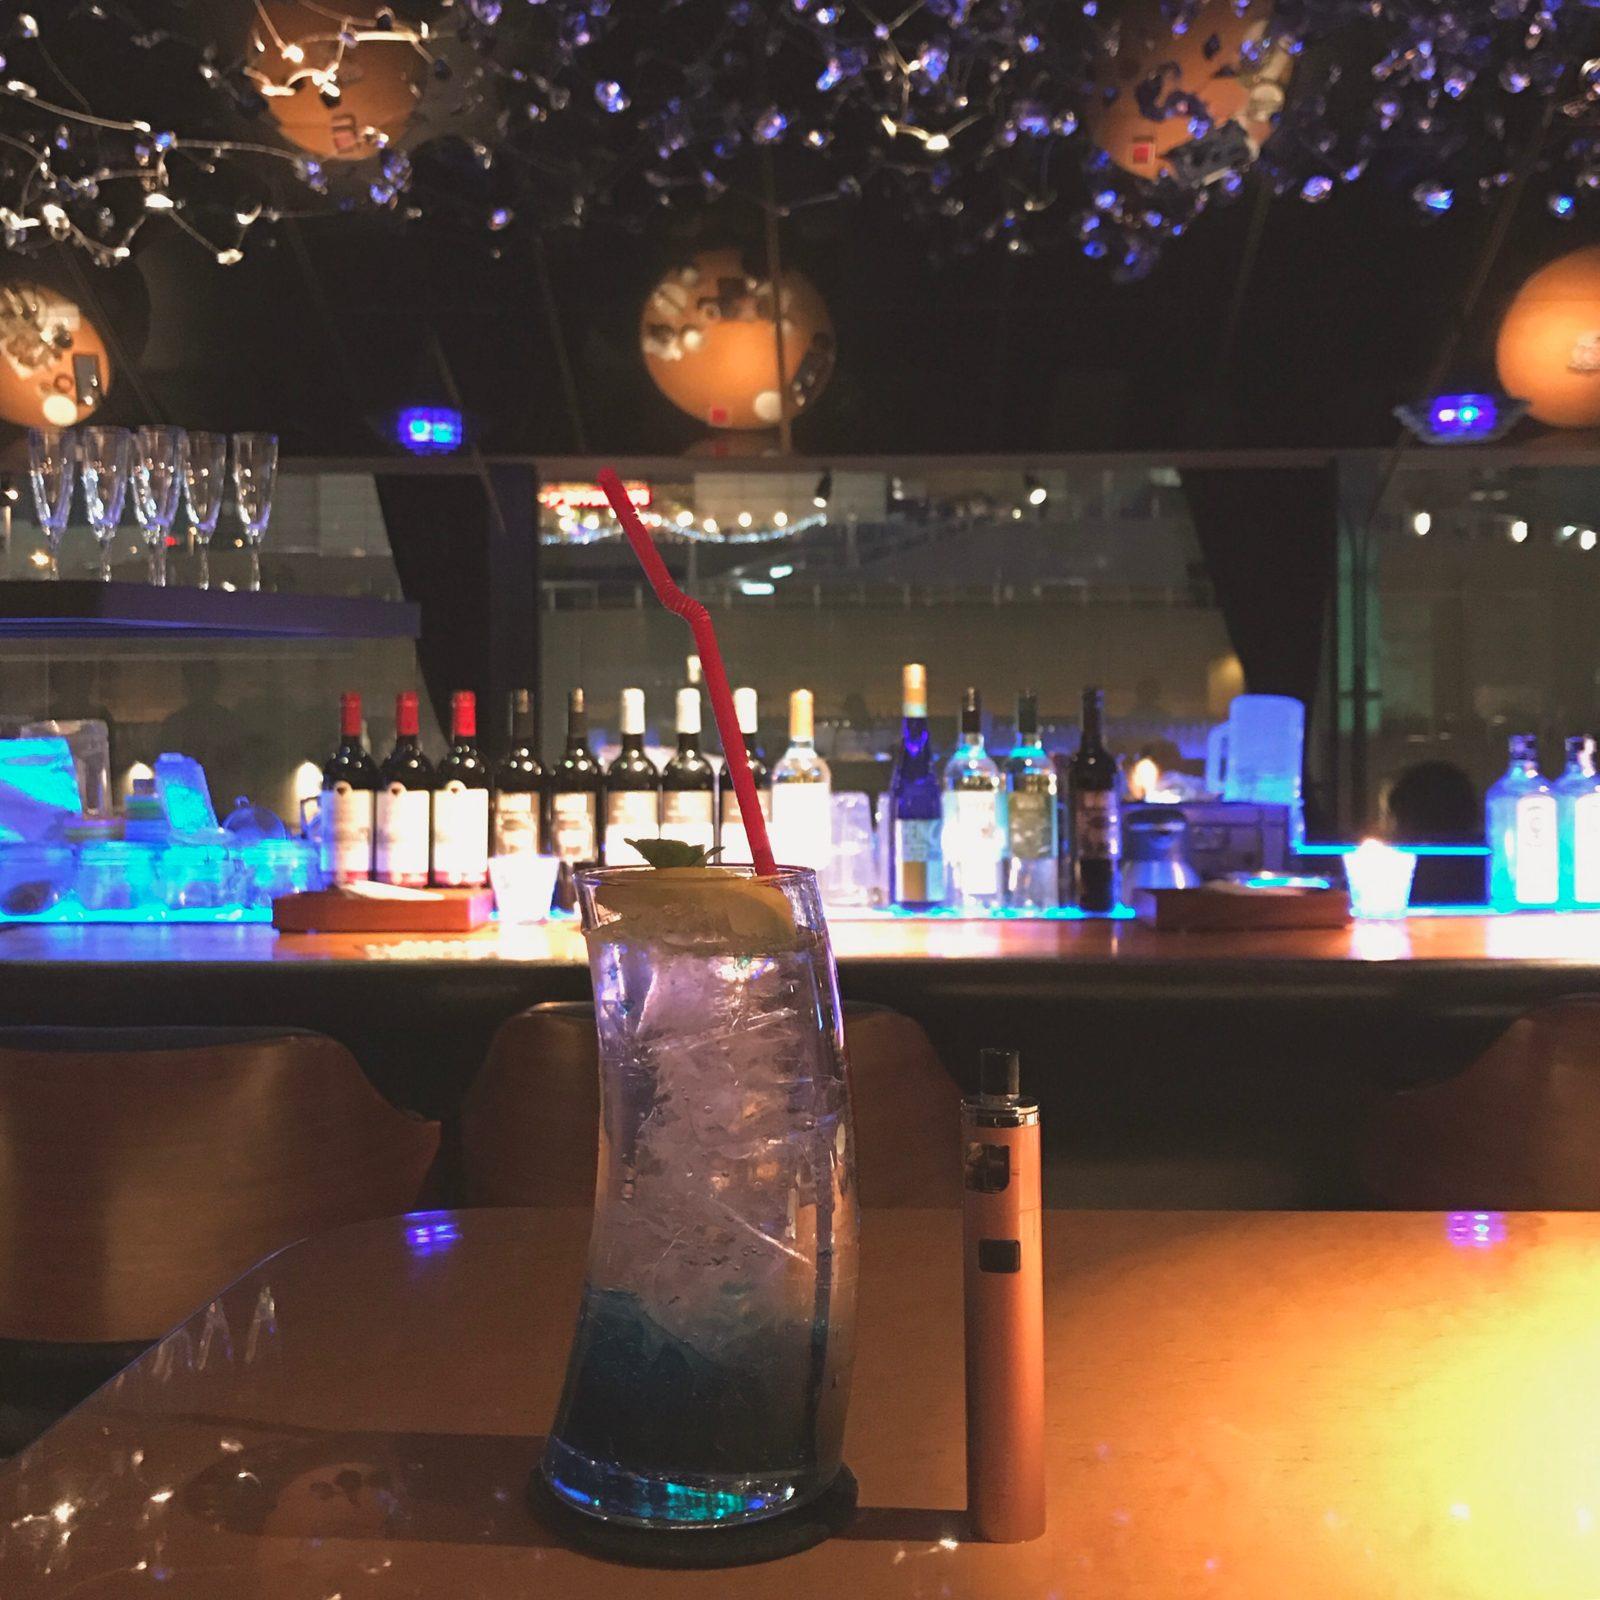 キャナルテラス堀江【Dining&Bar Bleu】中華料理店にはみえない!【大阪】